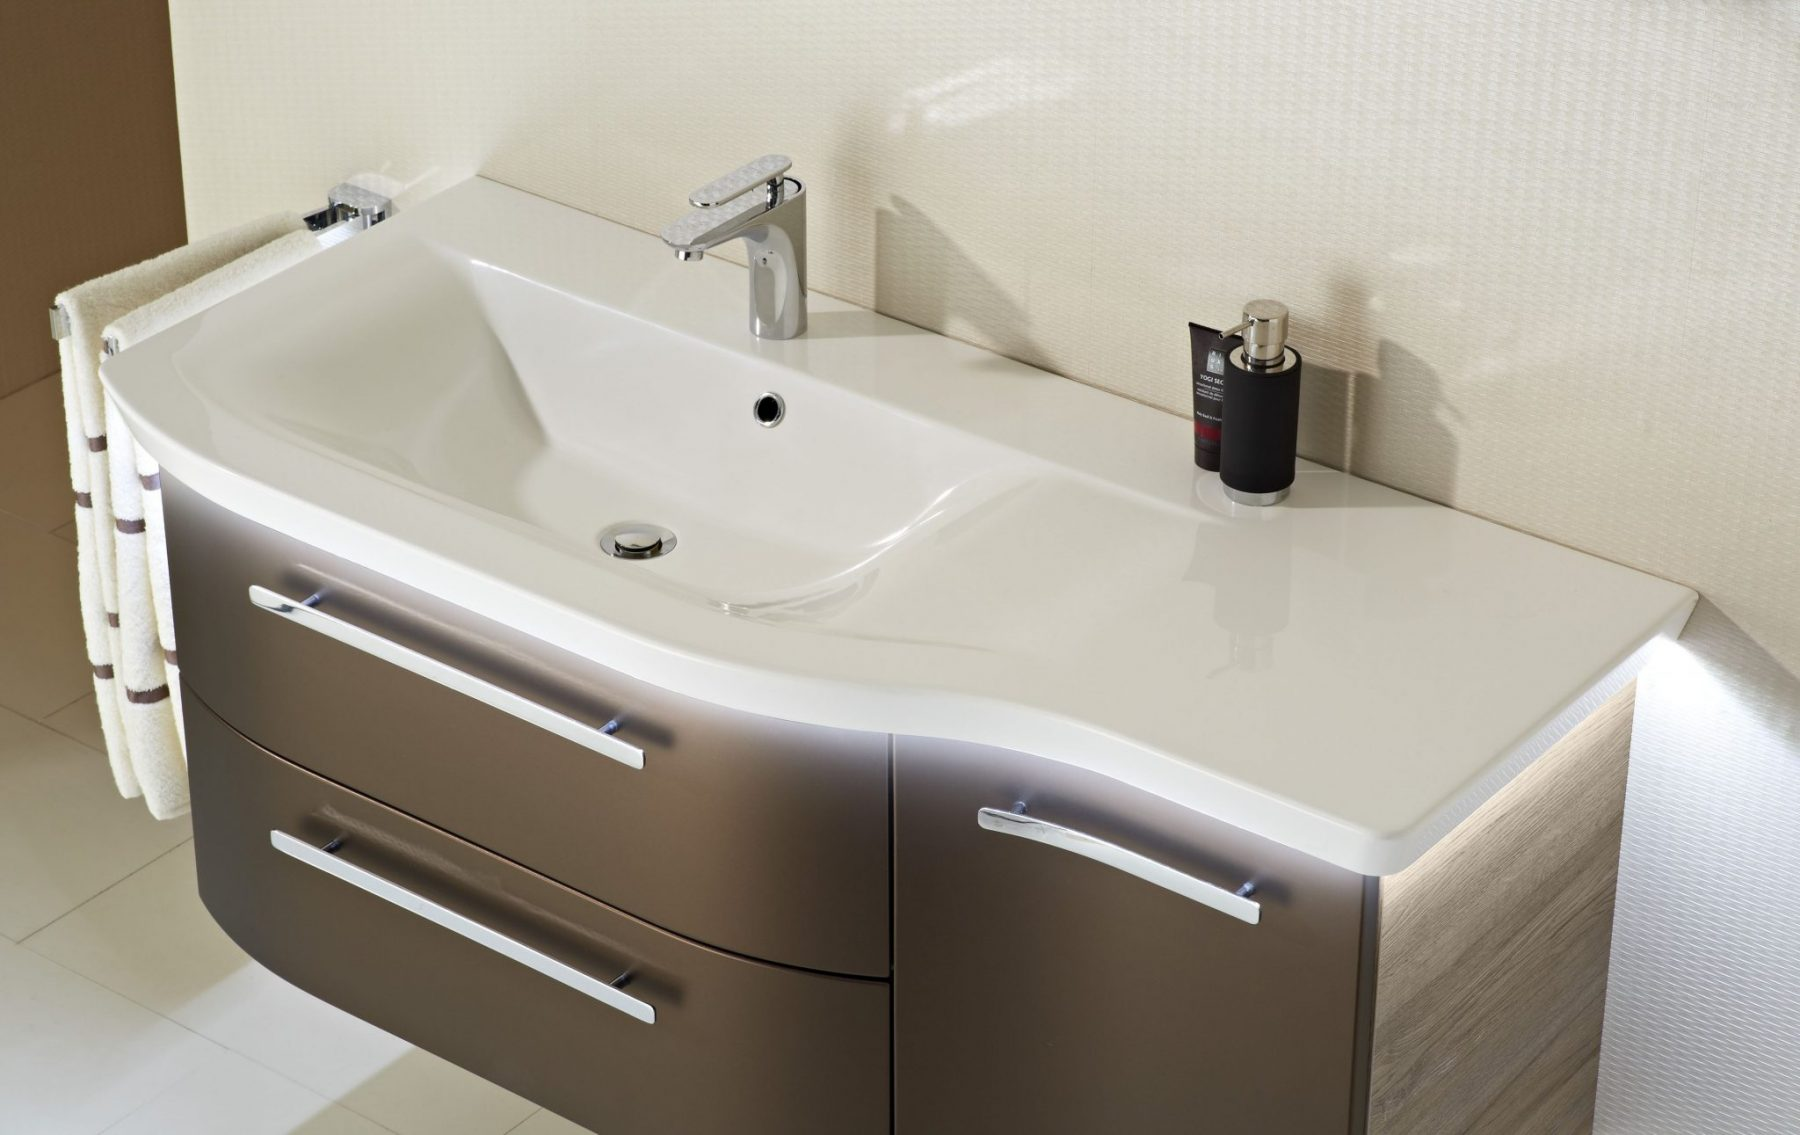 Tous les meubles sdb pour gain de place asymétriques et d\'angle